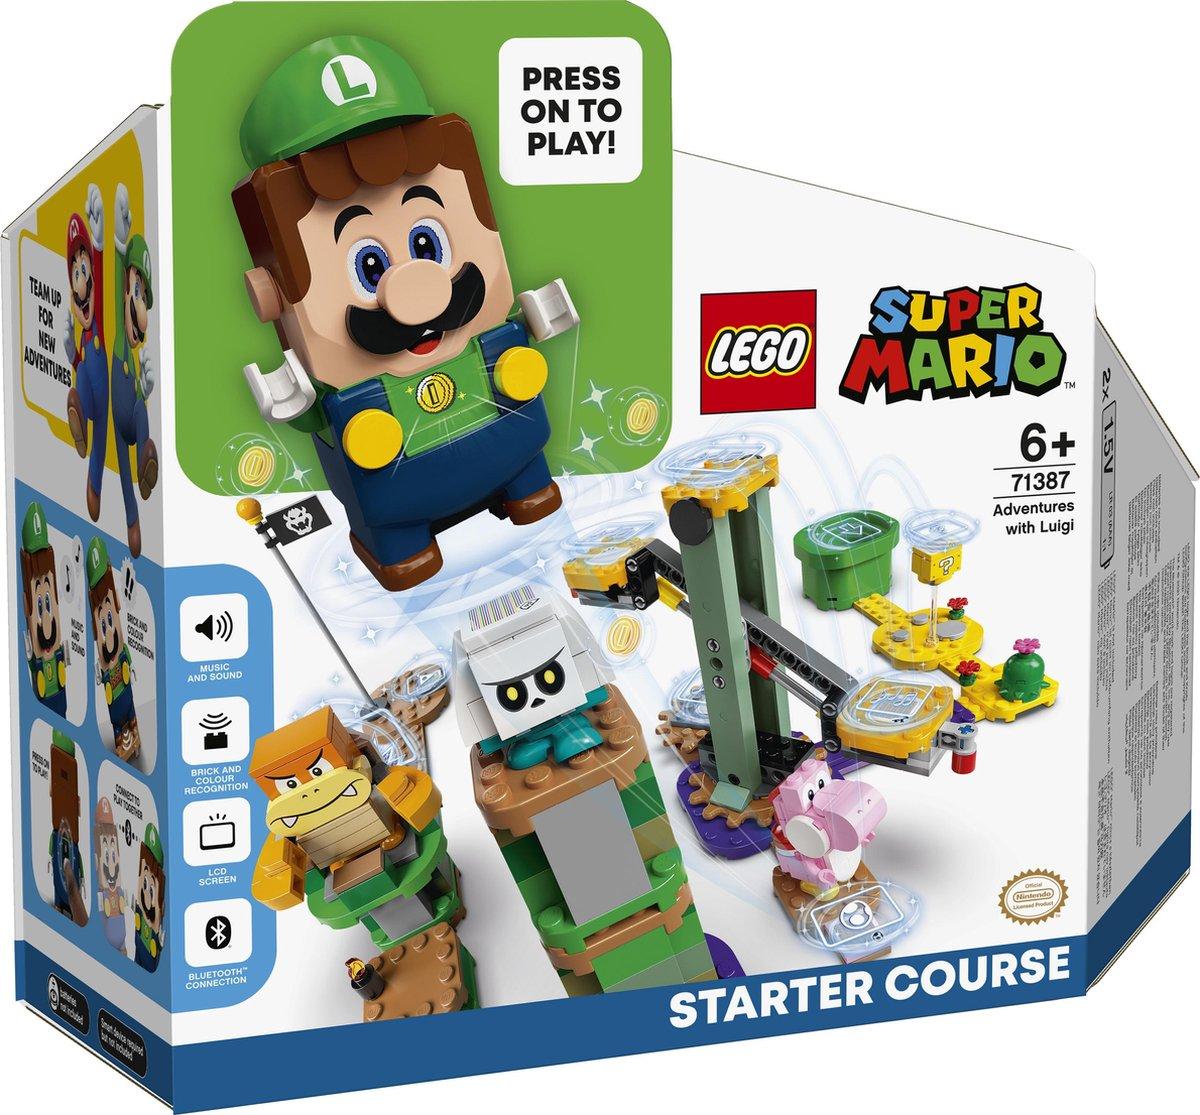 startset met Luigi